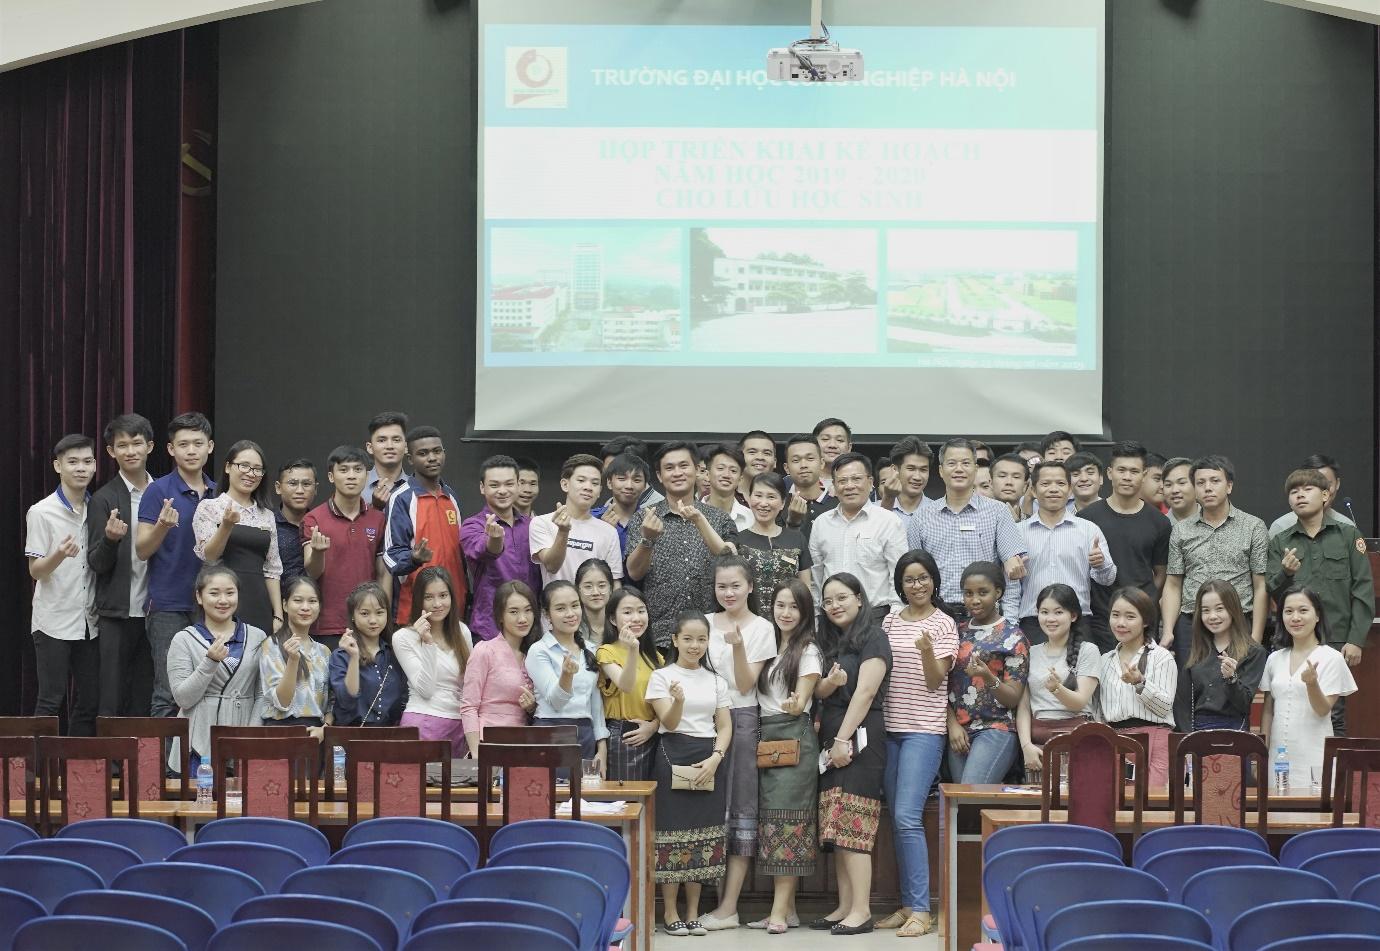 Họp triển khai Kế hoạch năm học 2019 -2020 cho Lưu học sinh đang học tại Trường Đại học Công nghiệp Hà Nội